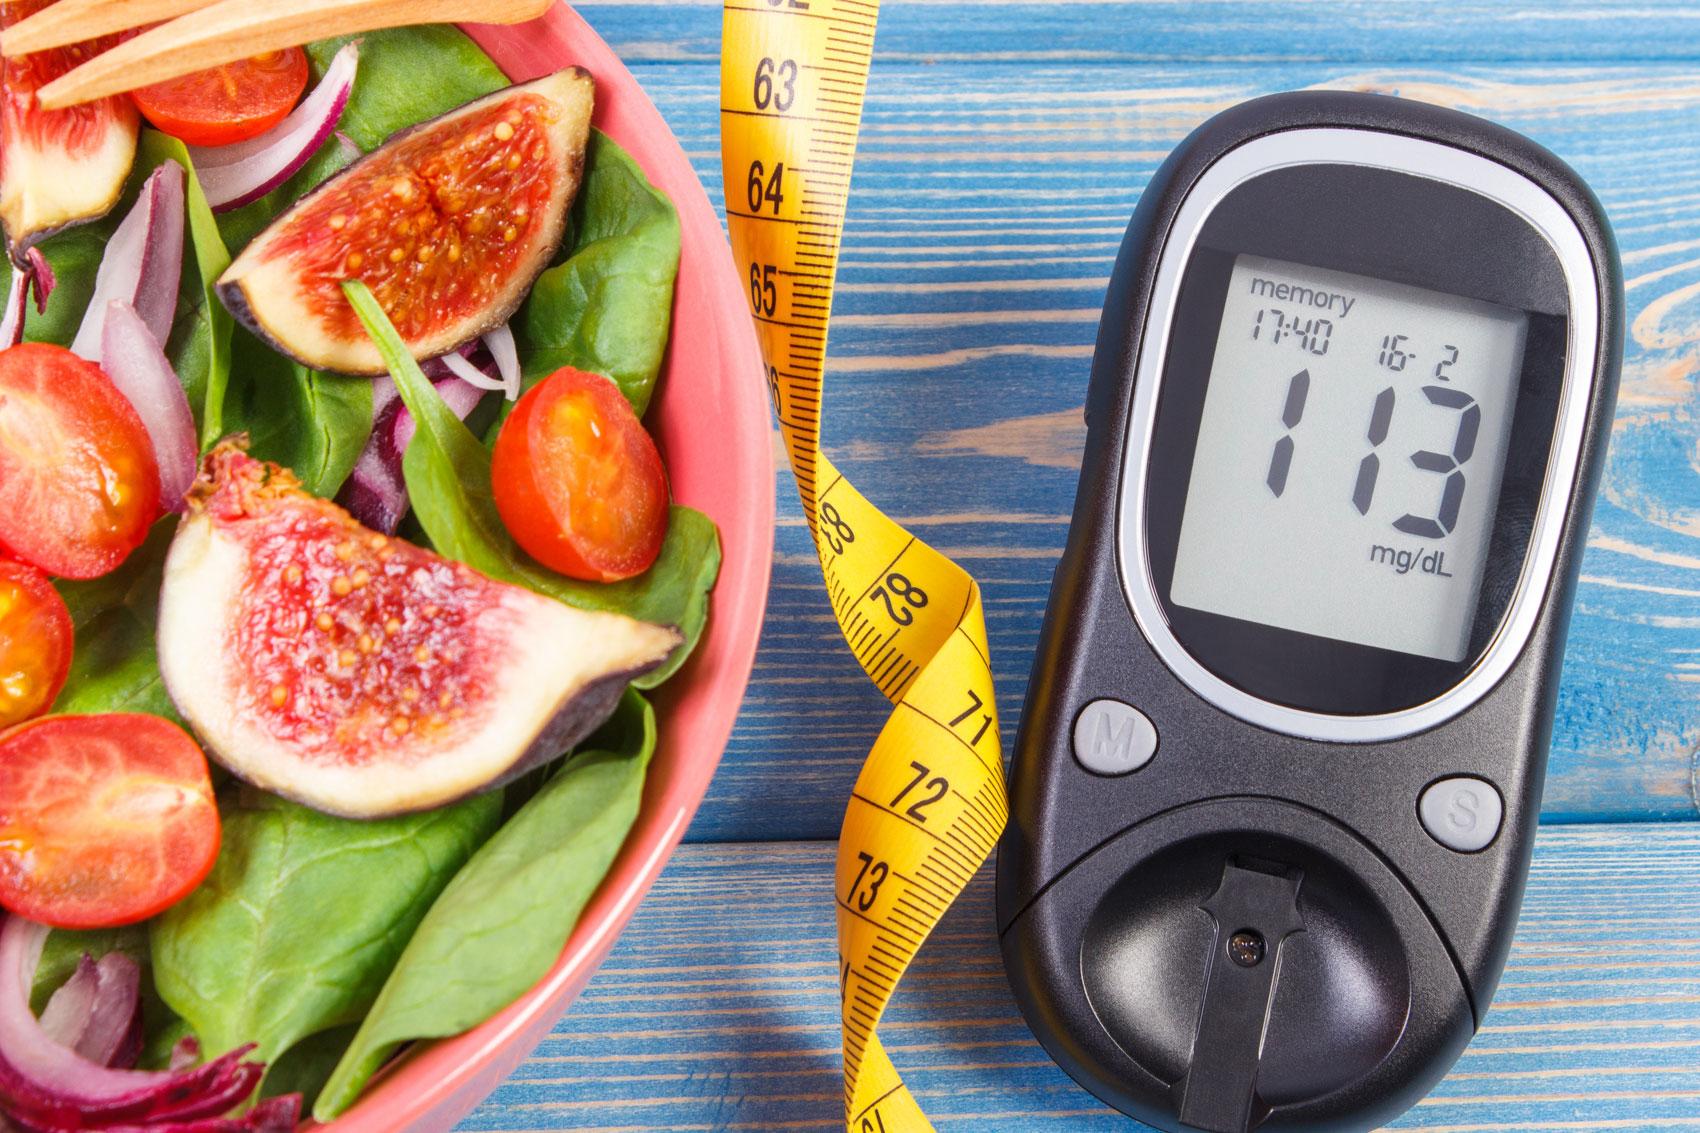 frutta fersca e misuratore glicemia